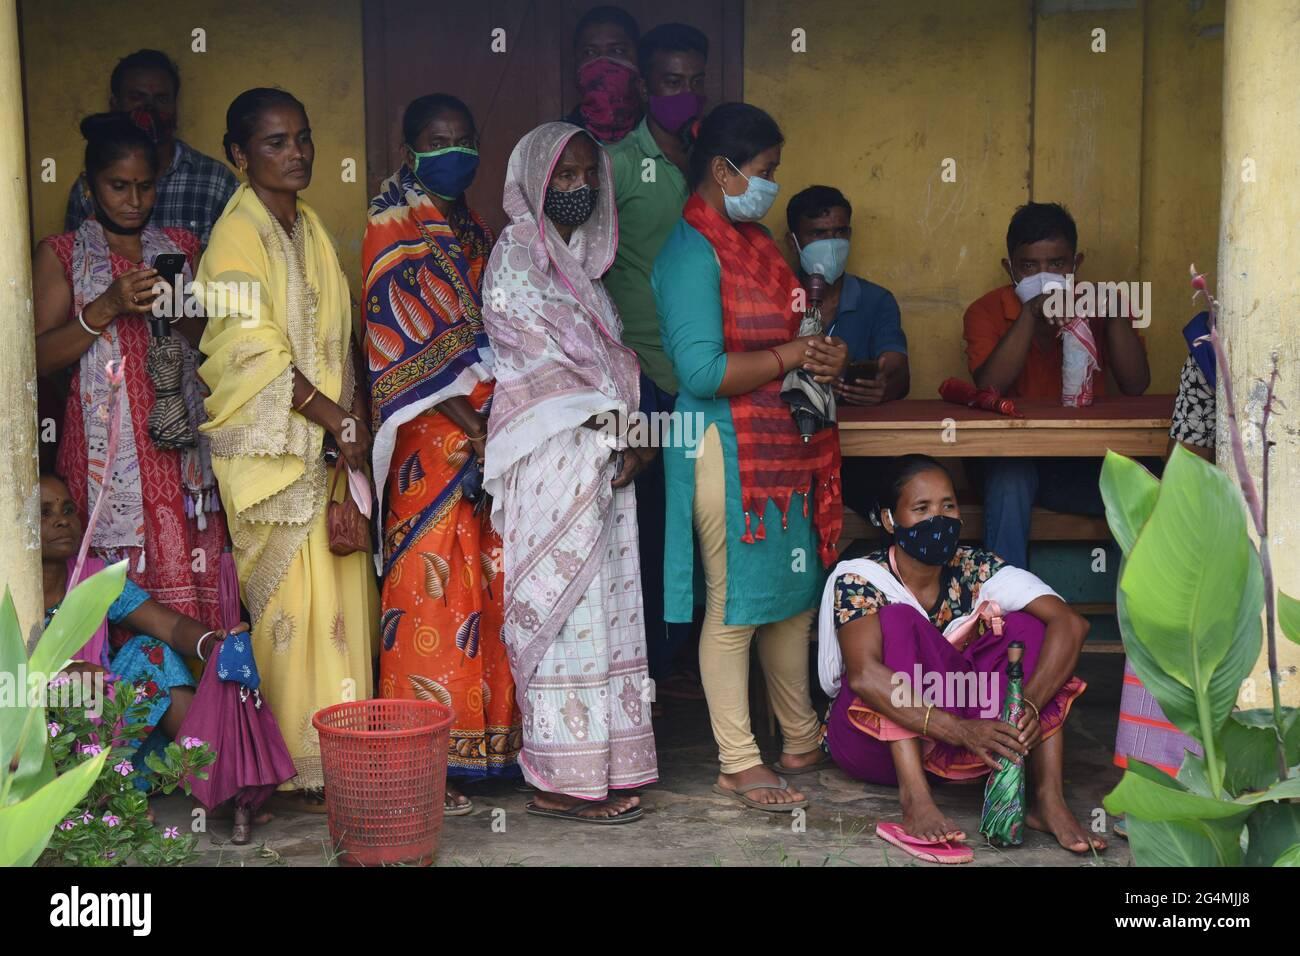 Guwahati, Indien. Juni 2021. Indische Menschen, die keine soziale Distanz aufrechterhalten, stehen in der Schlange, um die erste Dosis der COVID-19-Injektion in einem Impfzentrum in Guwahati Assam Indien einzunehmen. Quelle: Dasarath Deka/ZUMA Wire/Alamy Live News Stockfoto